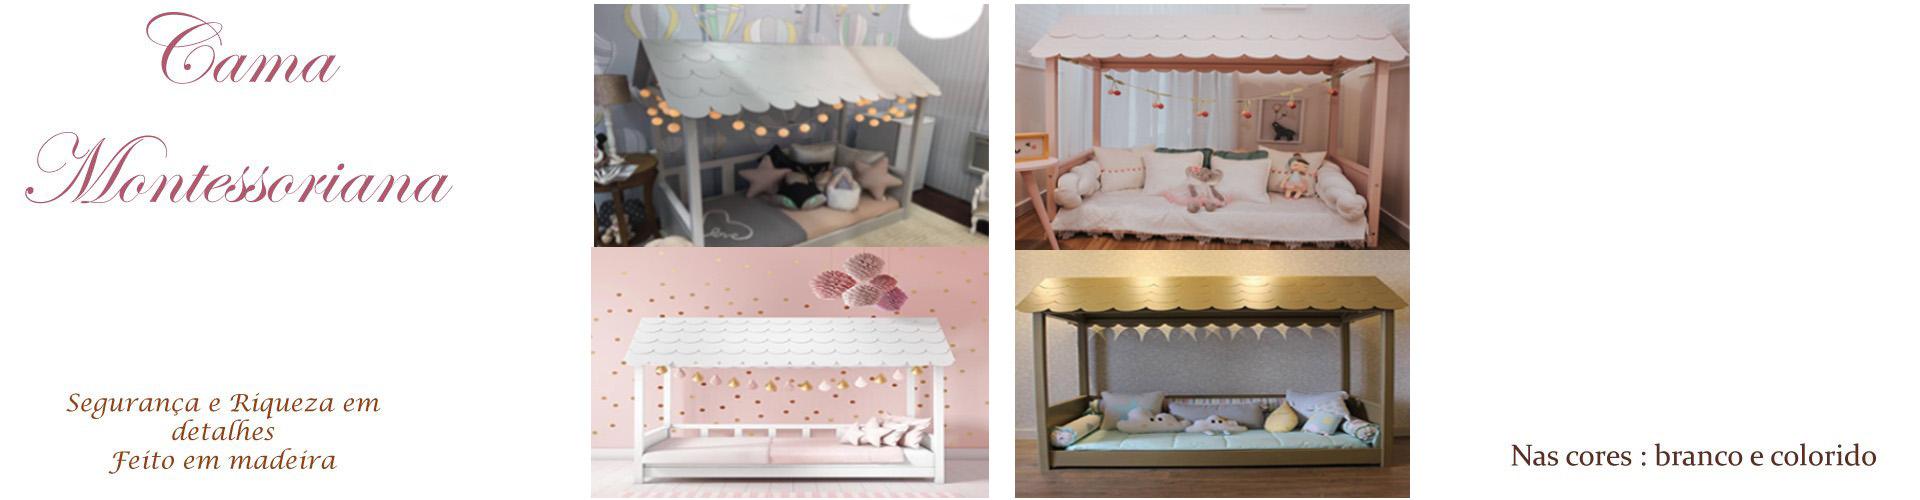 cama casinha montessoriano